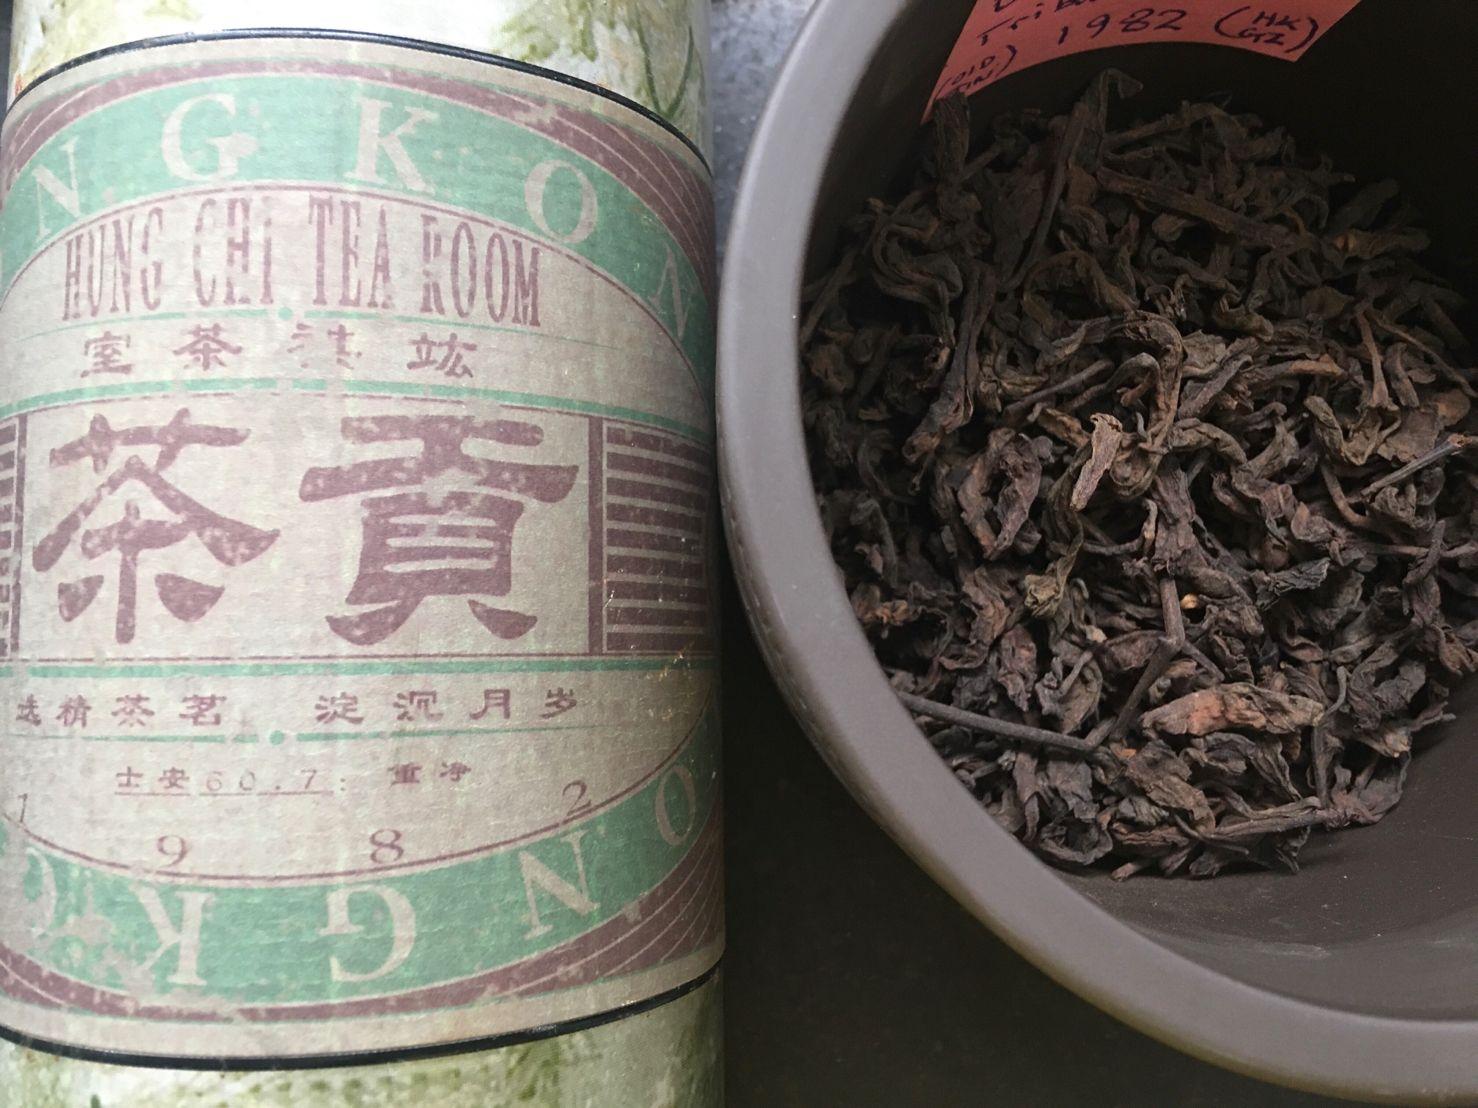 Hóng Chí Chá Shì, Jīng Pǐn Pǔ Ěr Chá Gòng, 竑祺茶室, 精品普洱, 茶貢, Hung Chi Tea Room, Boutique Pu'er Tribute Tea